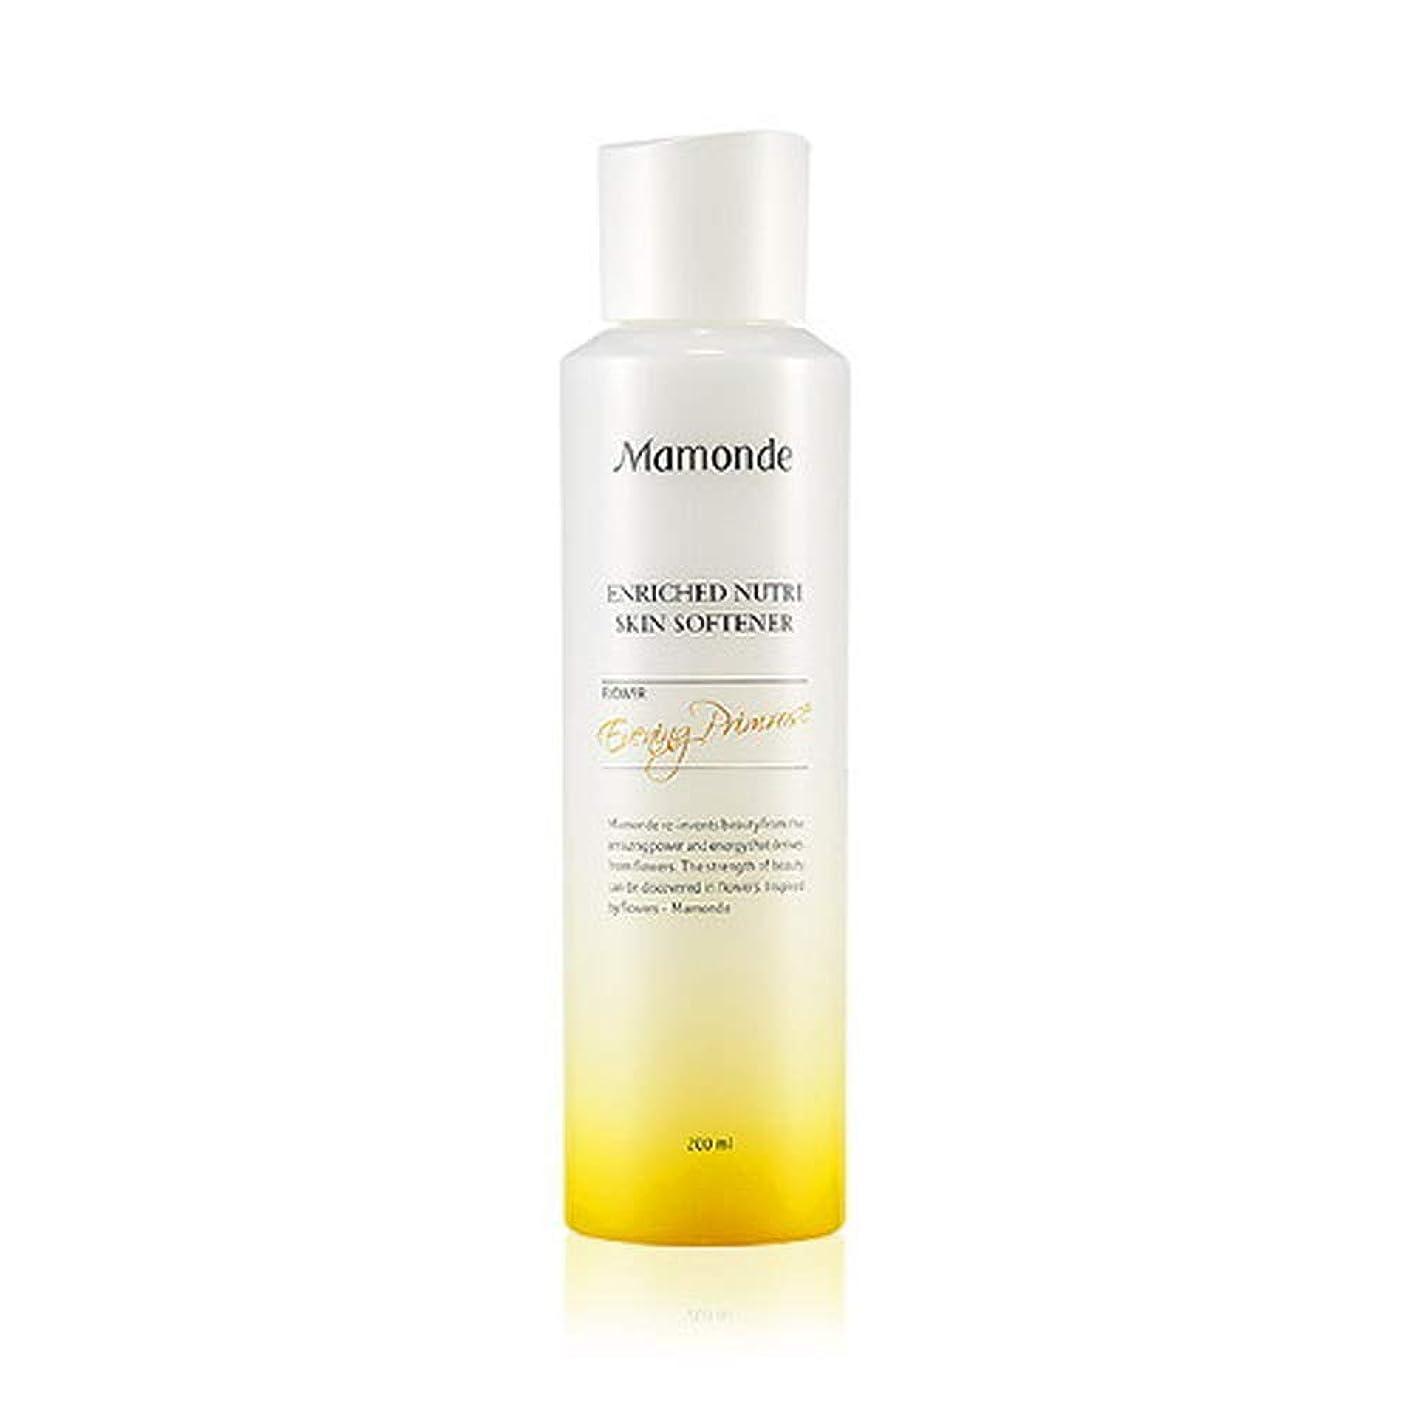 傷つきやすい防水雷雨Mamonde Enriched Nutri Skin Softener 200ml/マモンド エンリッチド ニュートリ スキン ソフナー 200ml